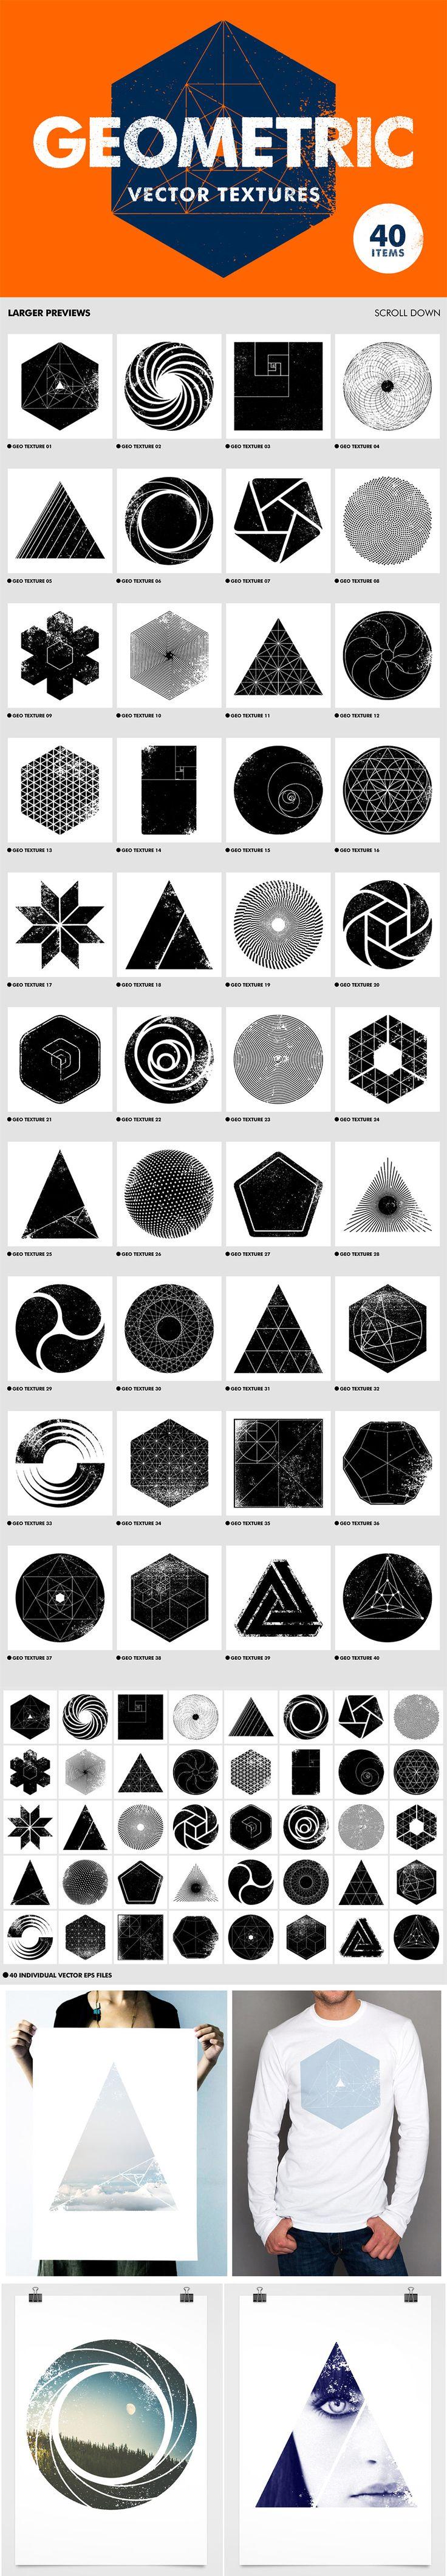 www.horyzon.info à la conquête de l'univers